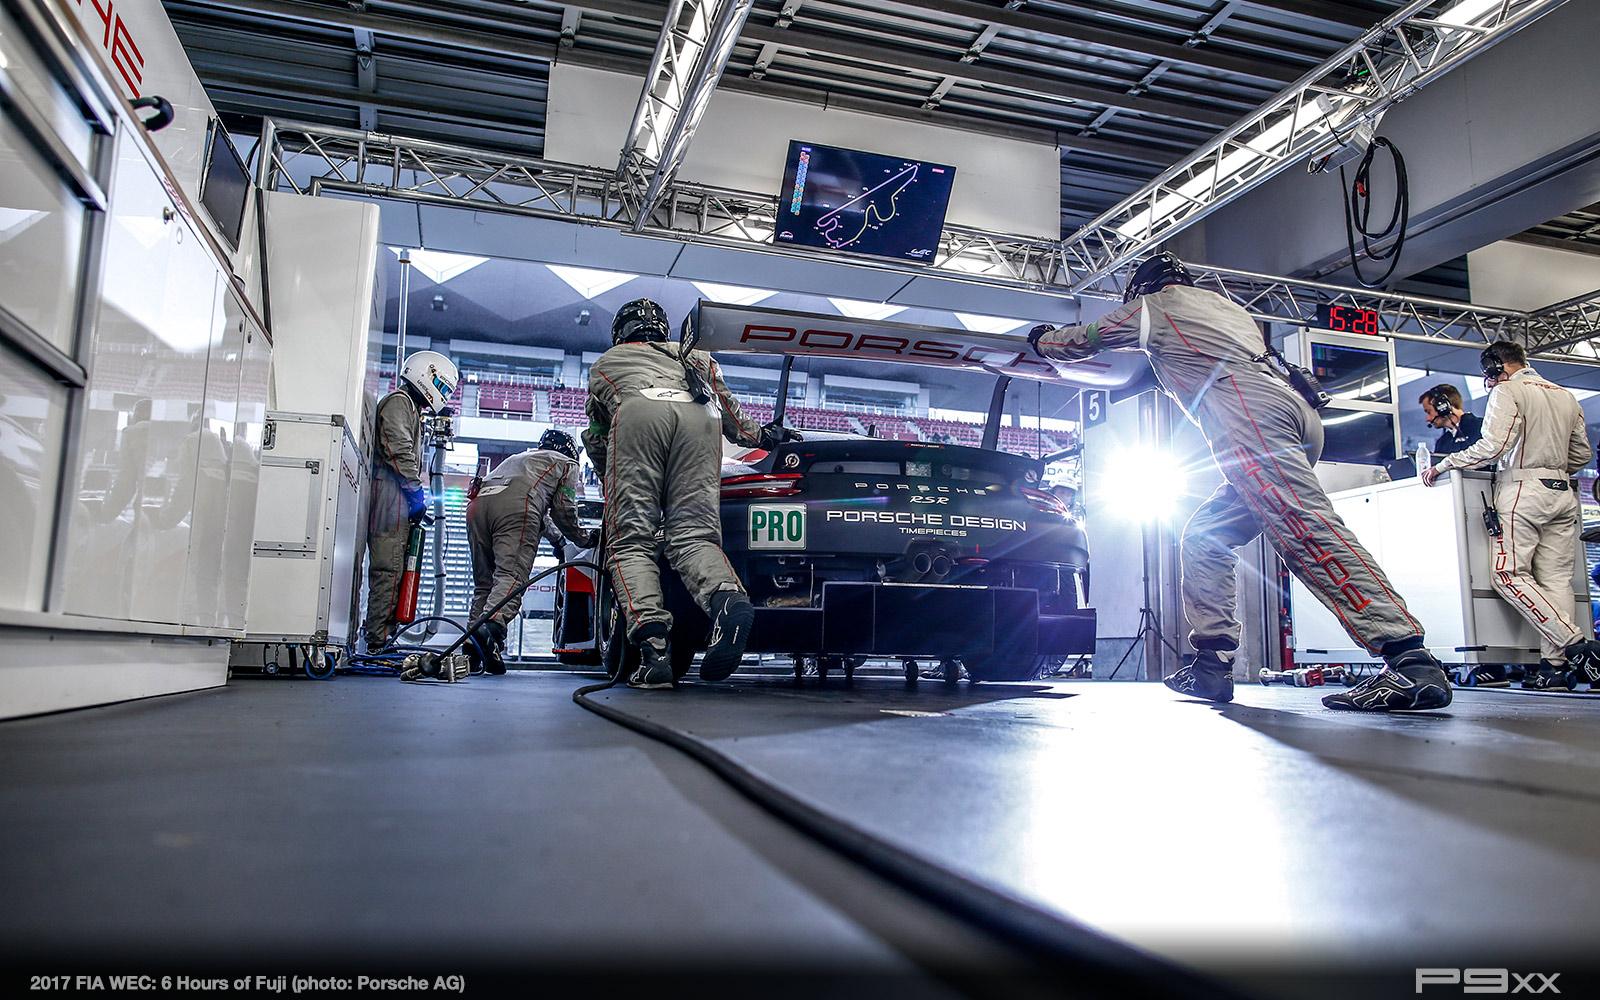 2017-FIA-WEC-6h-of-Fuji-Porsche-384